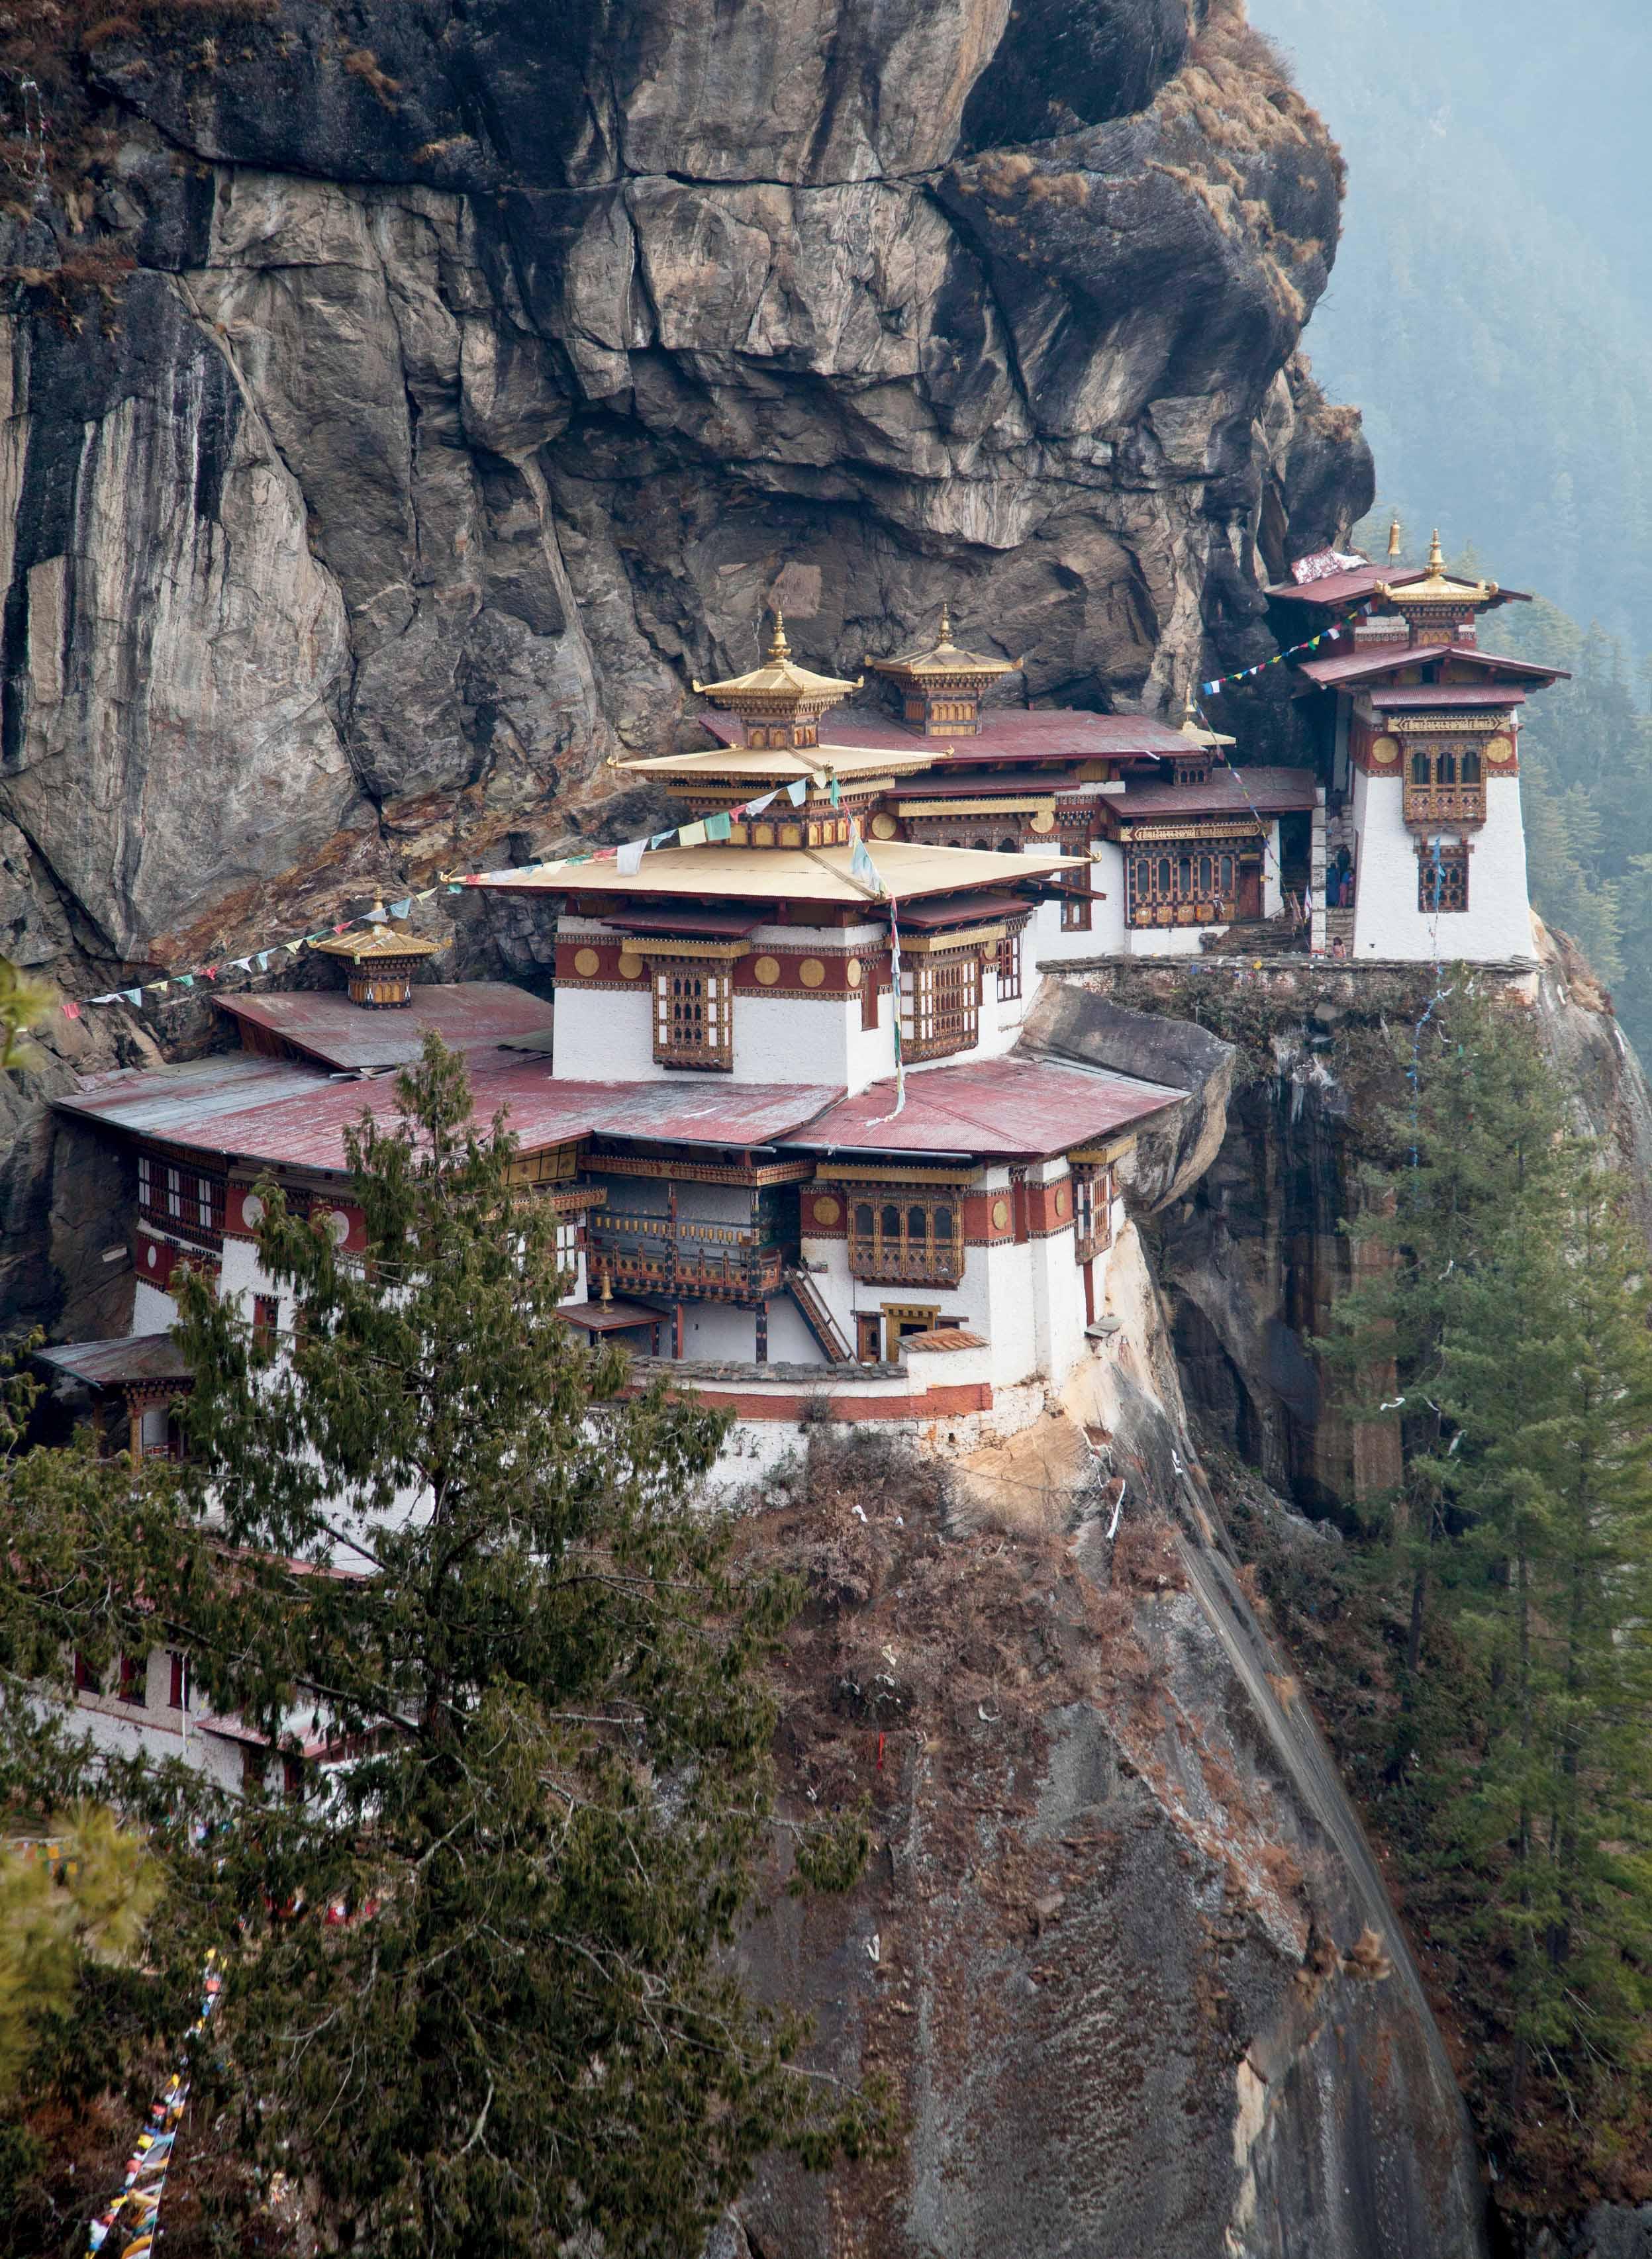 Du lịch Bhutan - chuyến đi đầy ắp nỗi nhớ